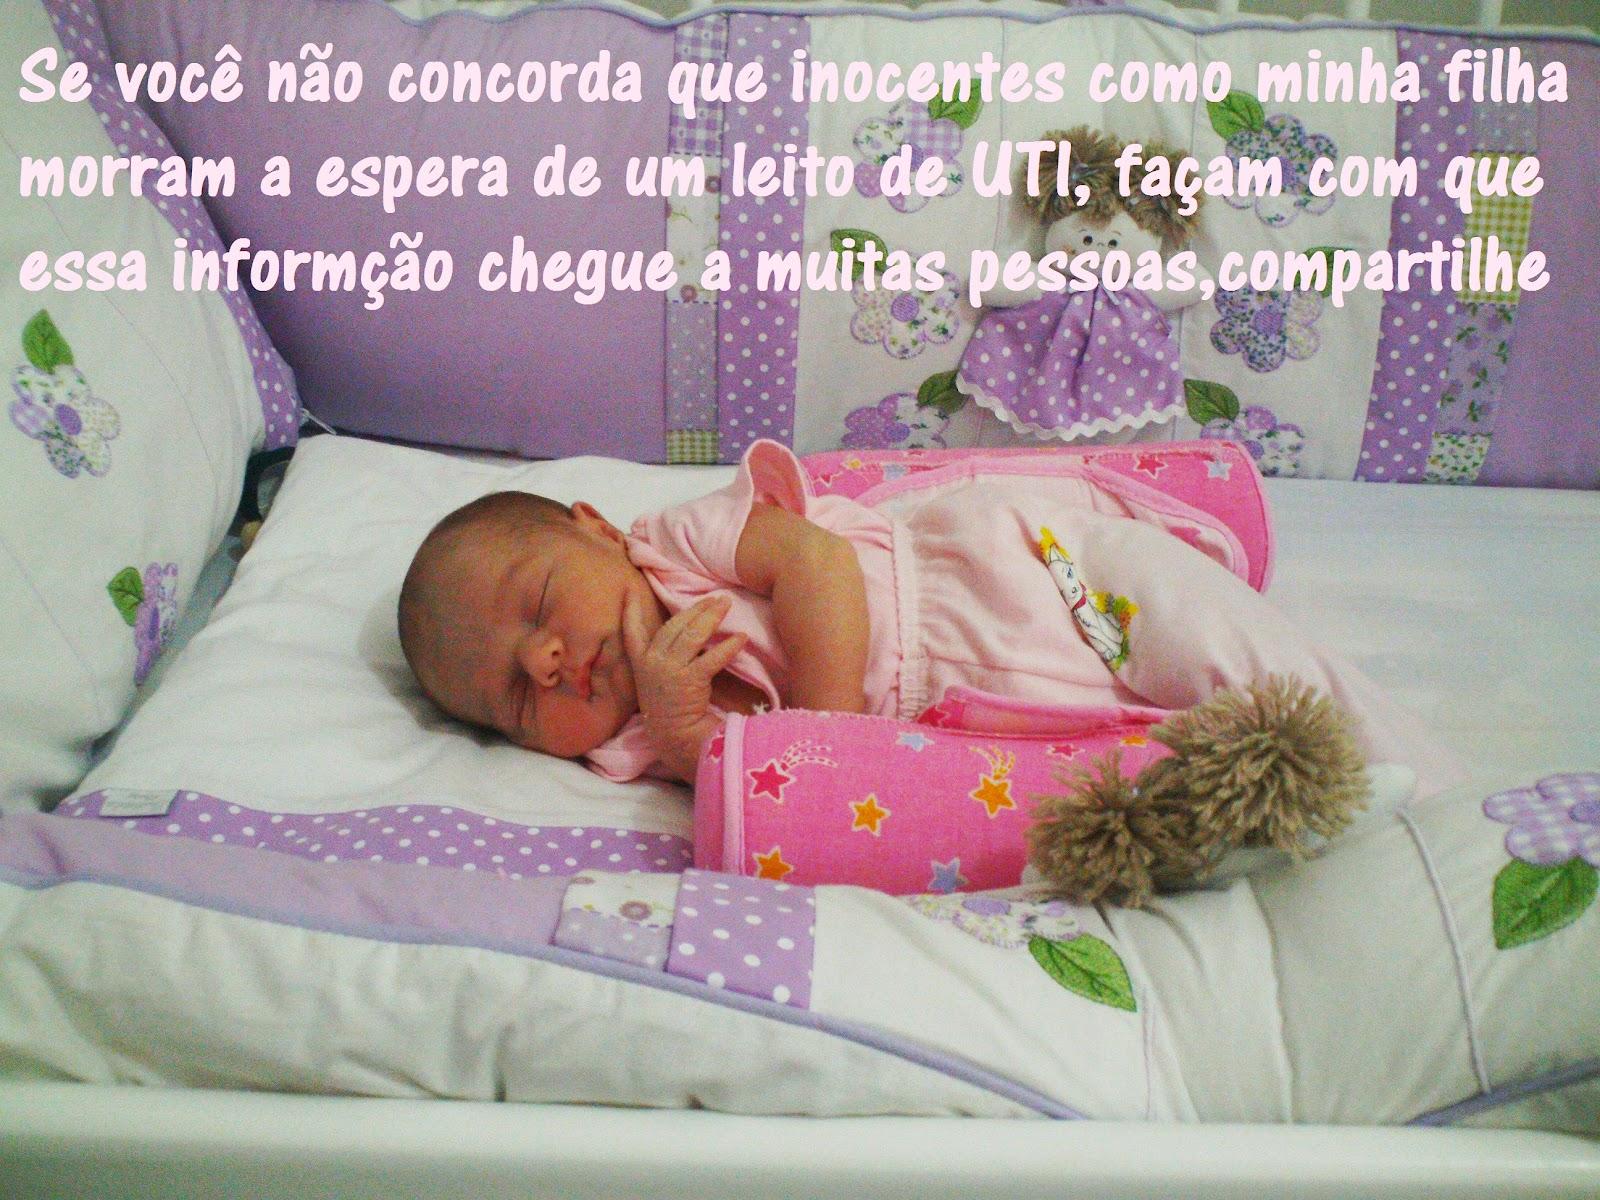 http://3.bp.blogspot.com/-iSUVuhSUs-k/UEpZzFi7ZDI/AAAAAAAAC1k/Wxq2StQMuto/s1600/DSC00498.JPG